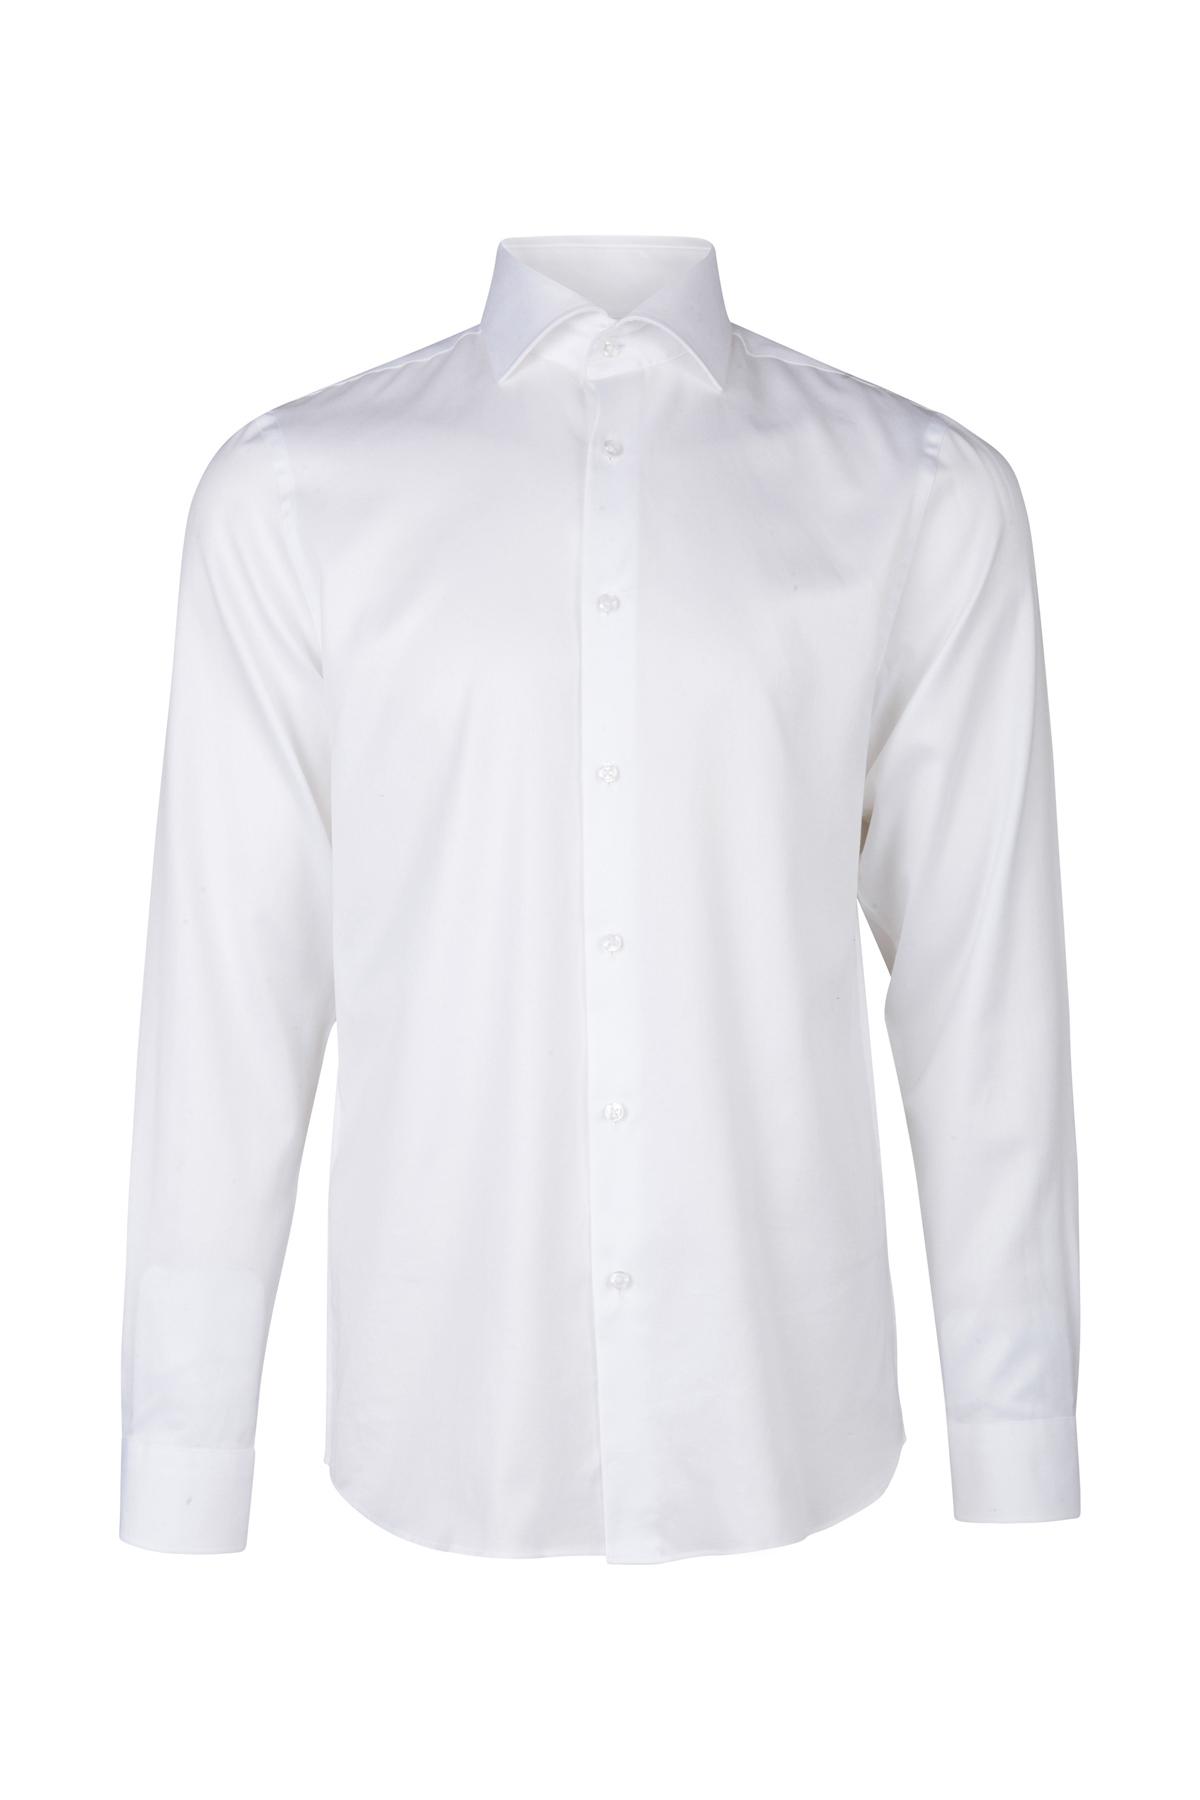 Katoenen Overhemd Heren.Heren Regular Fit Luxueus Katoenen Overhemd 79032612 We Fashion